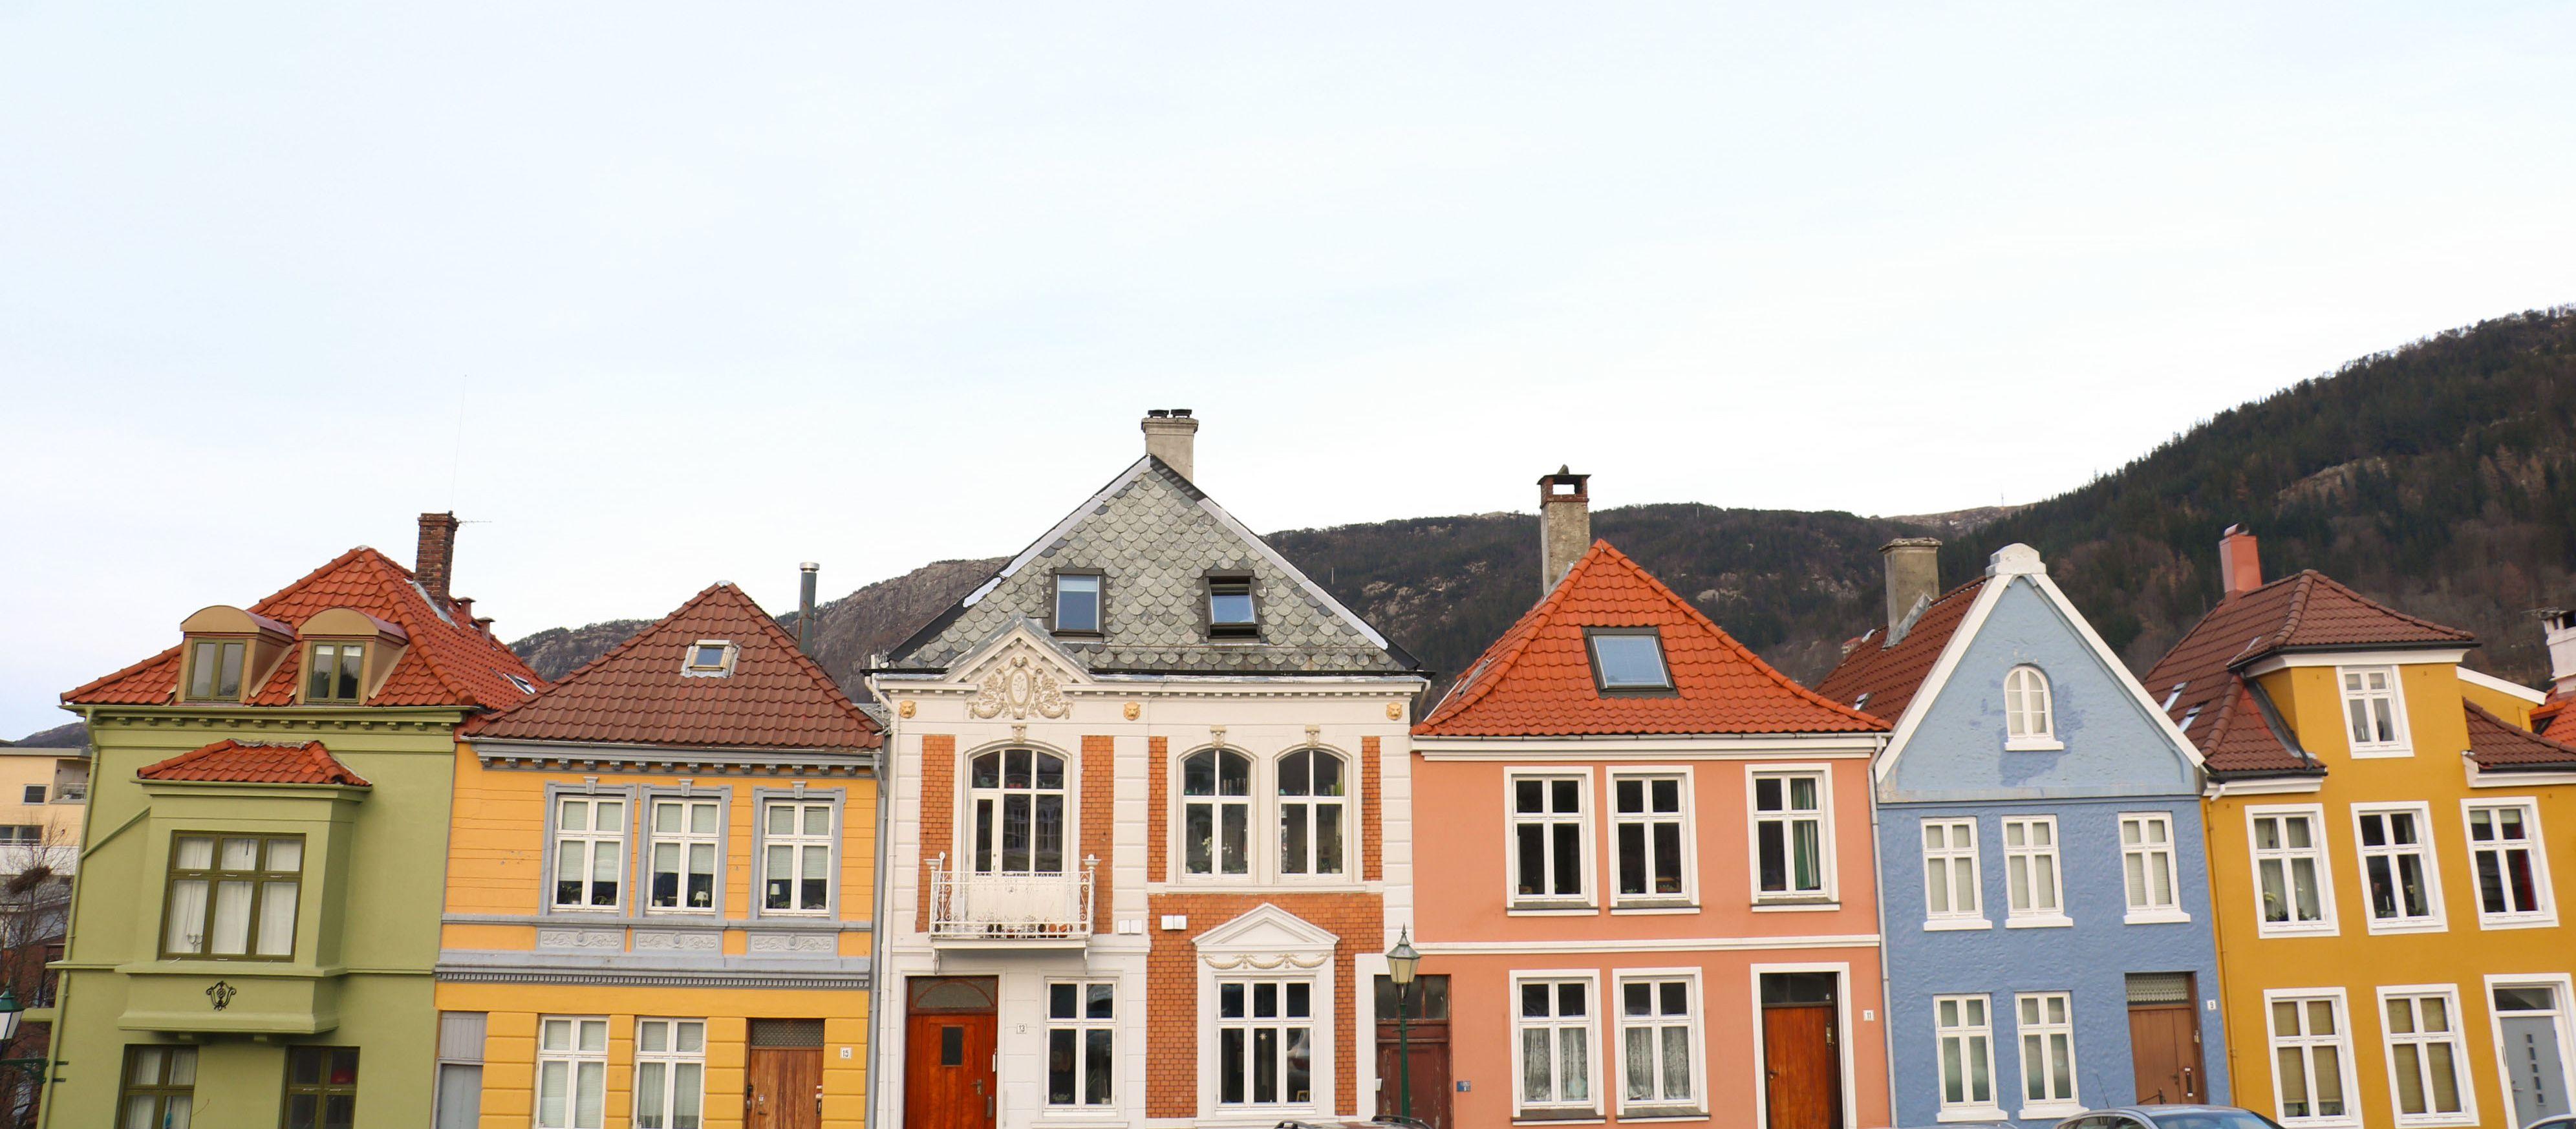 Bunte Haeuser in Bergen, Norwegen.